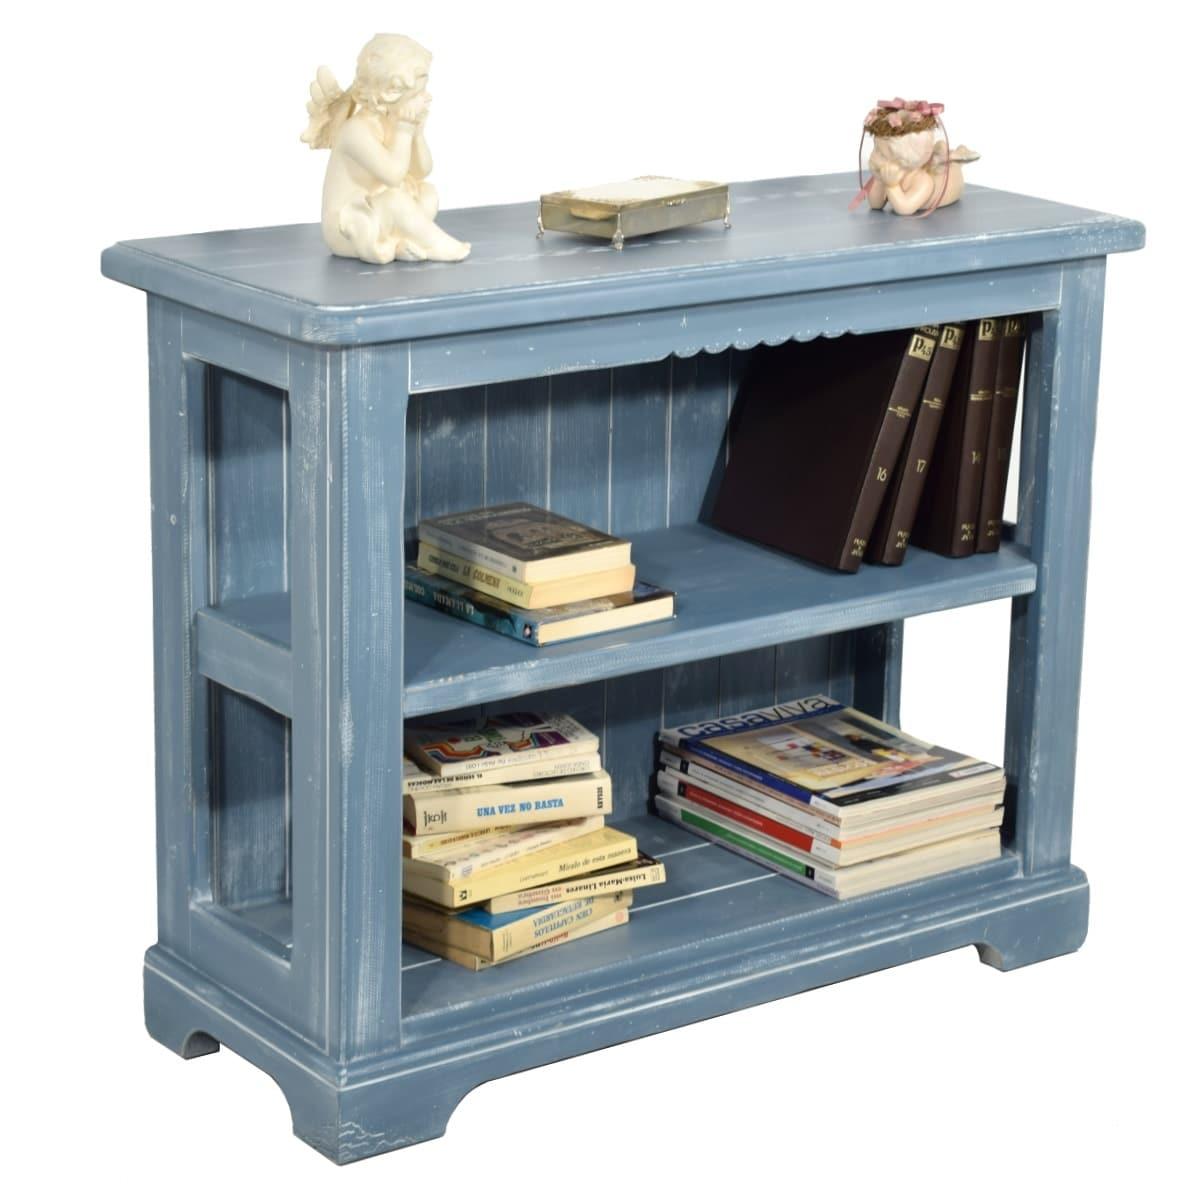 Librero r stico peque o ecor stico venta de muebles for Bar de madera rustico esquinero